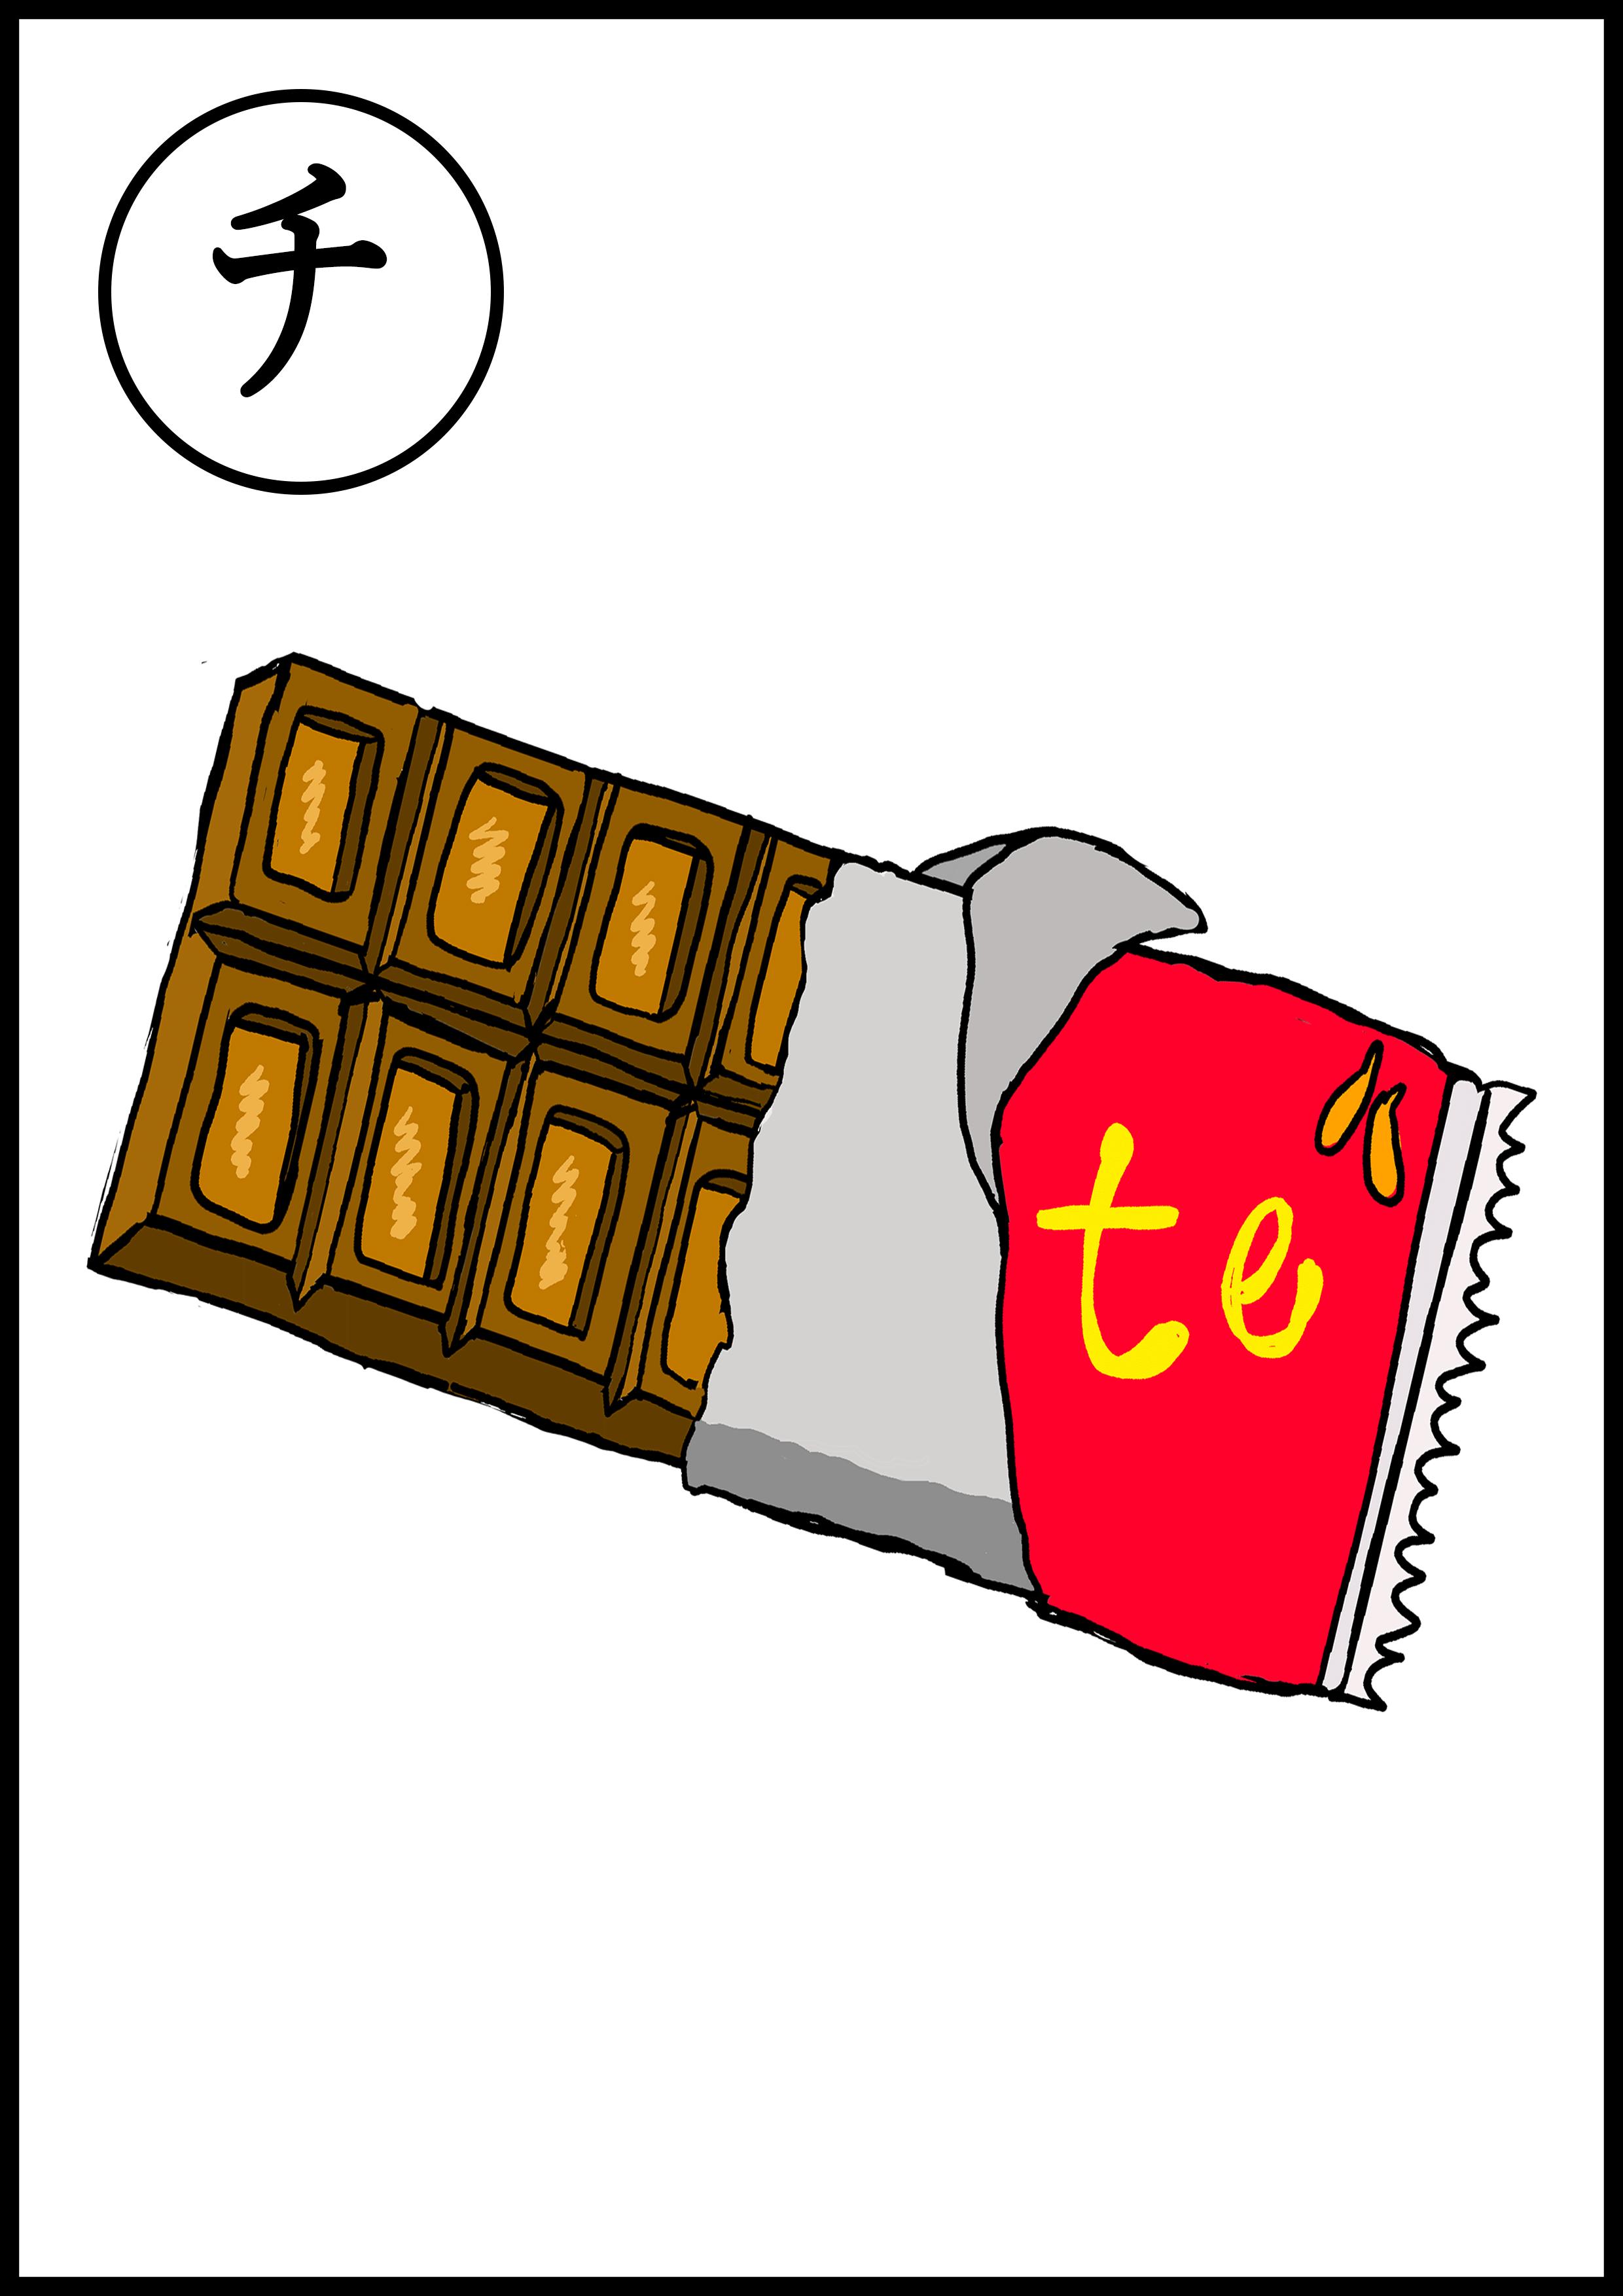 カルタイラスト【チョコレート】